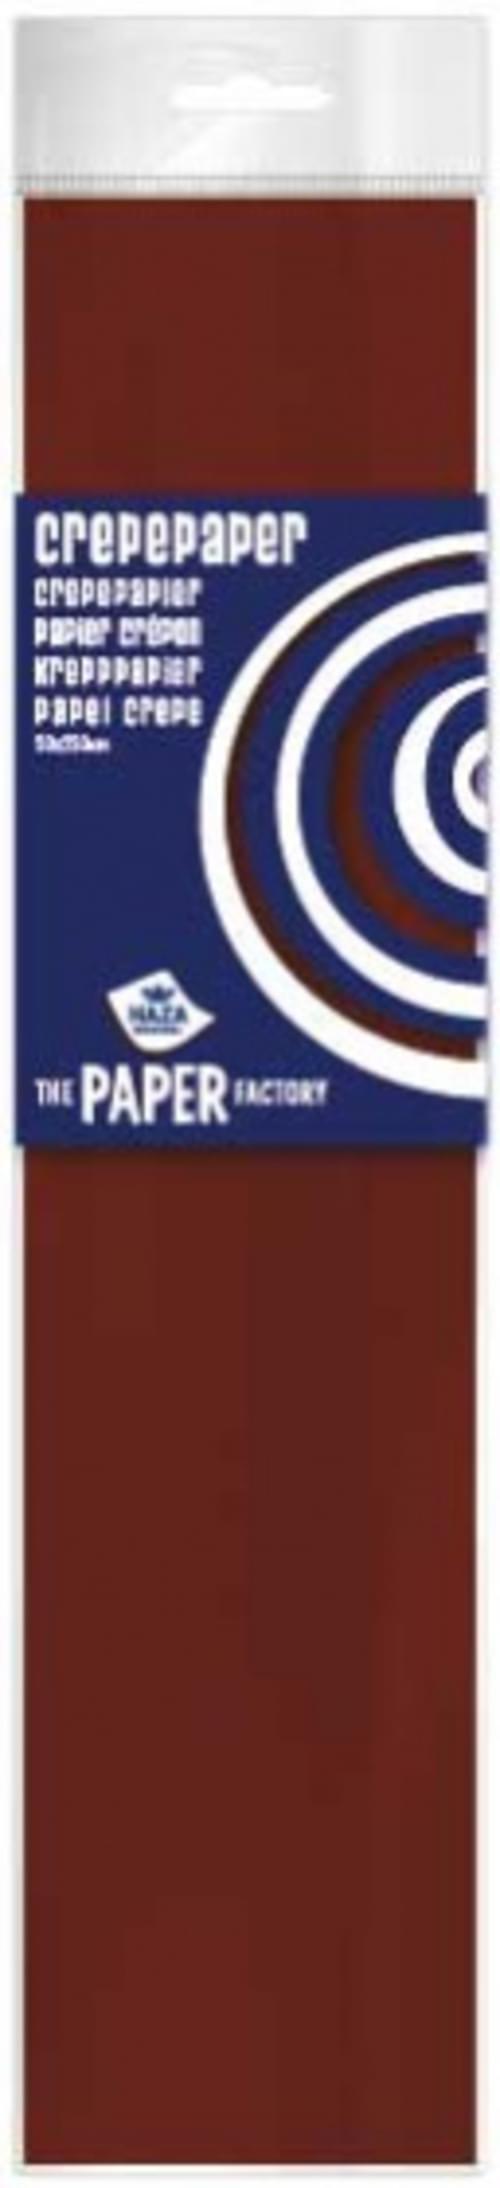 Haza Crepe Paper  - Dark Brown